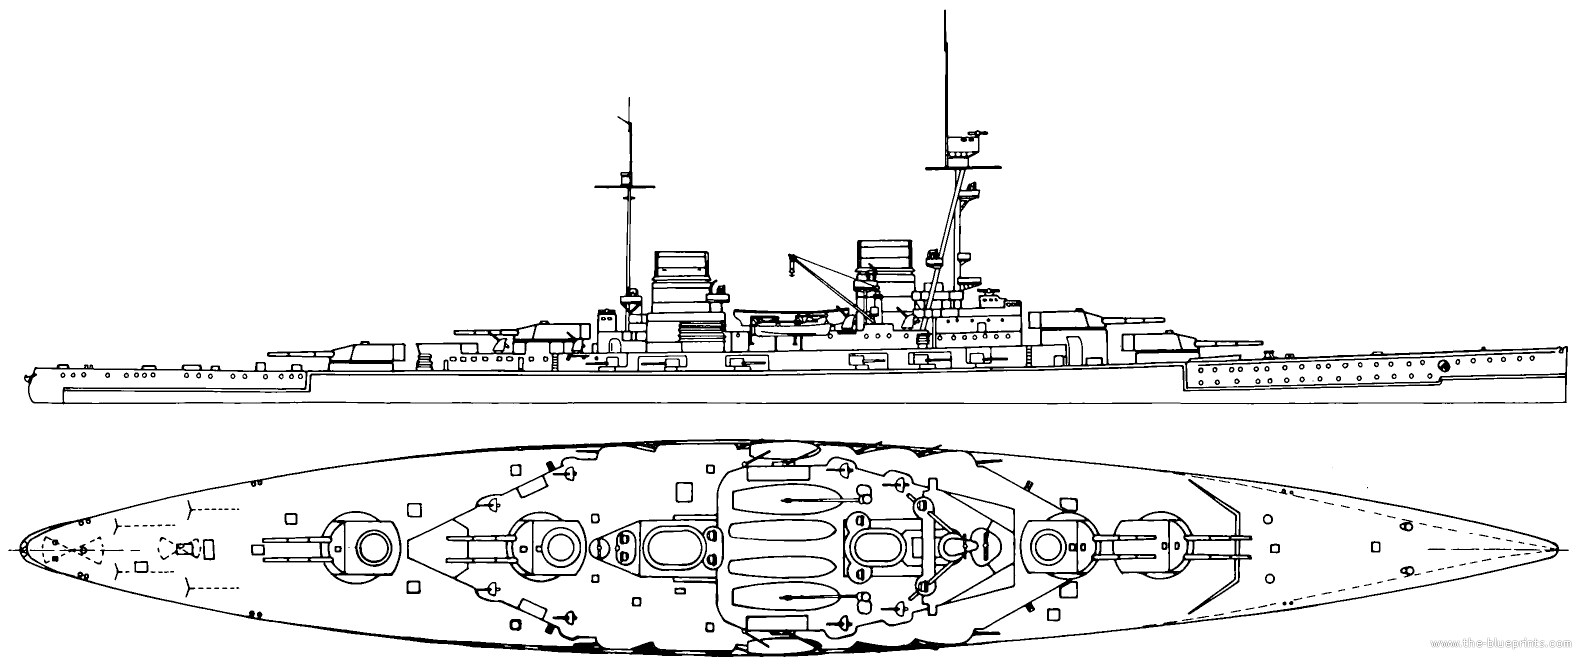 sms-derfflinger-1914-battlecruiser.png